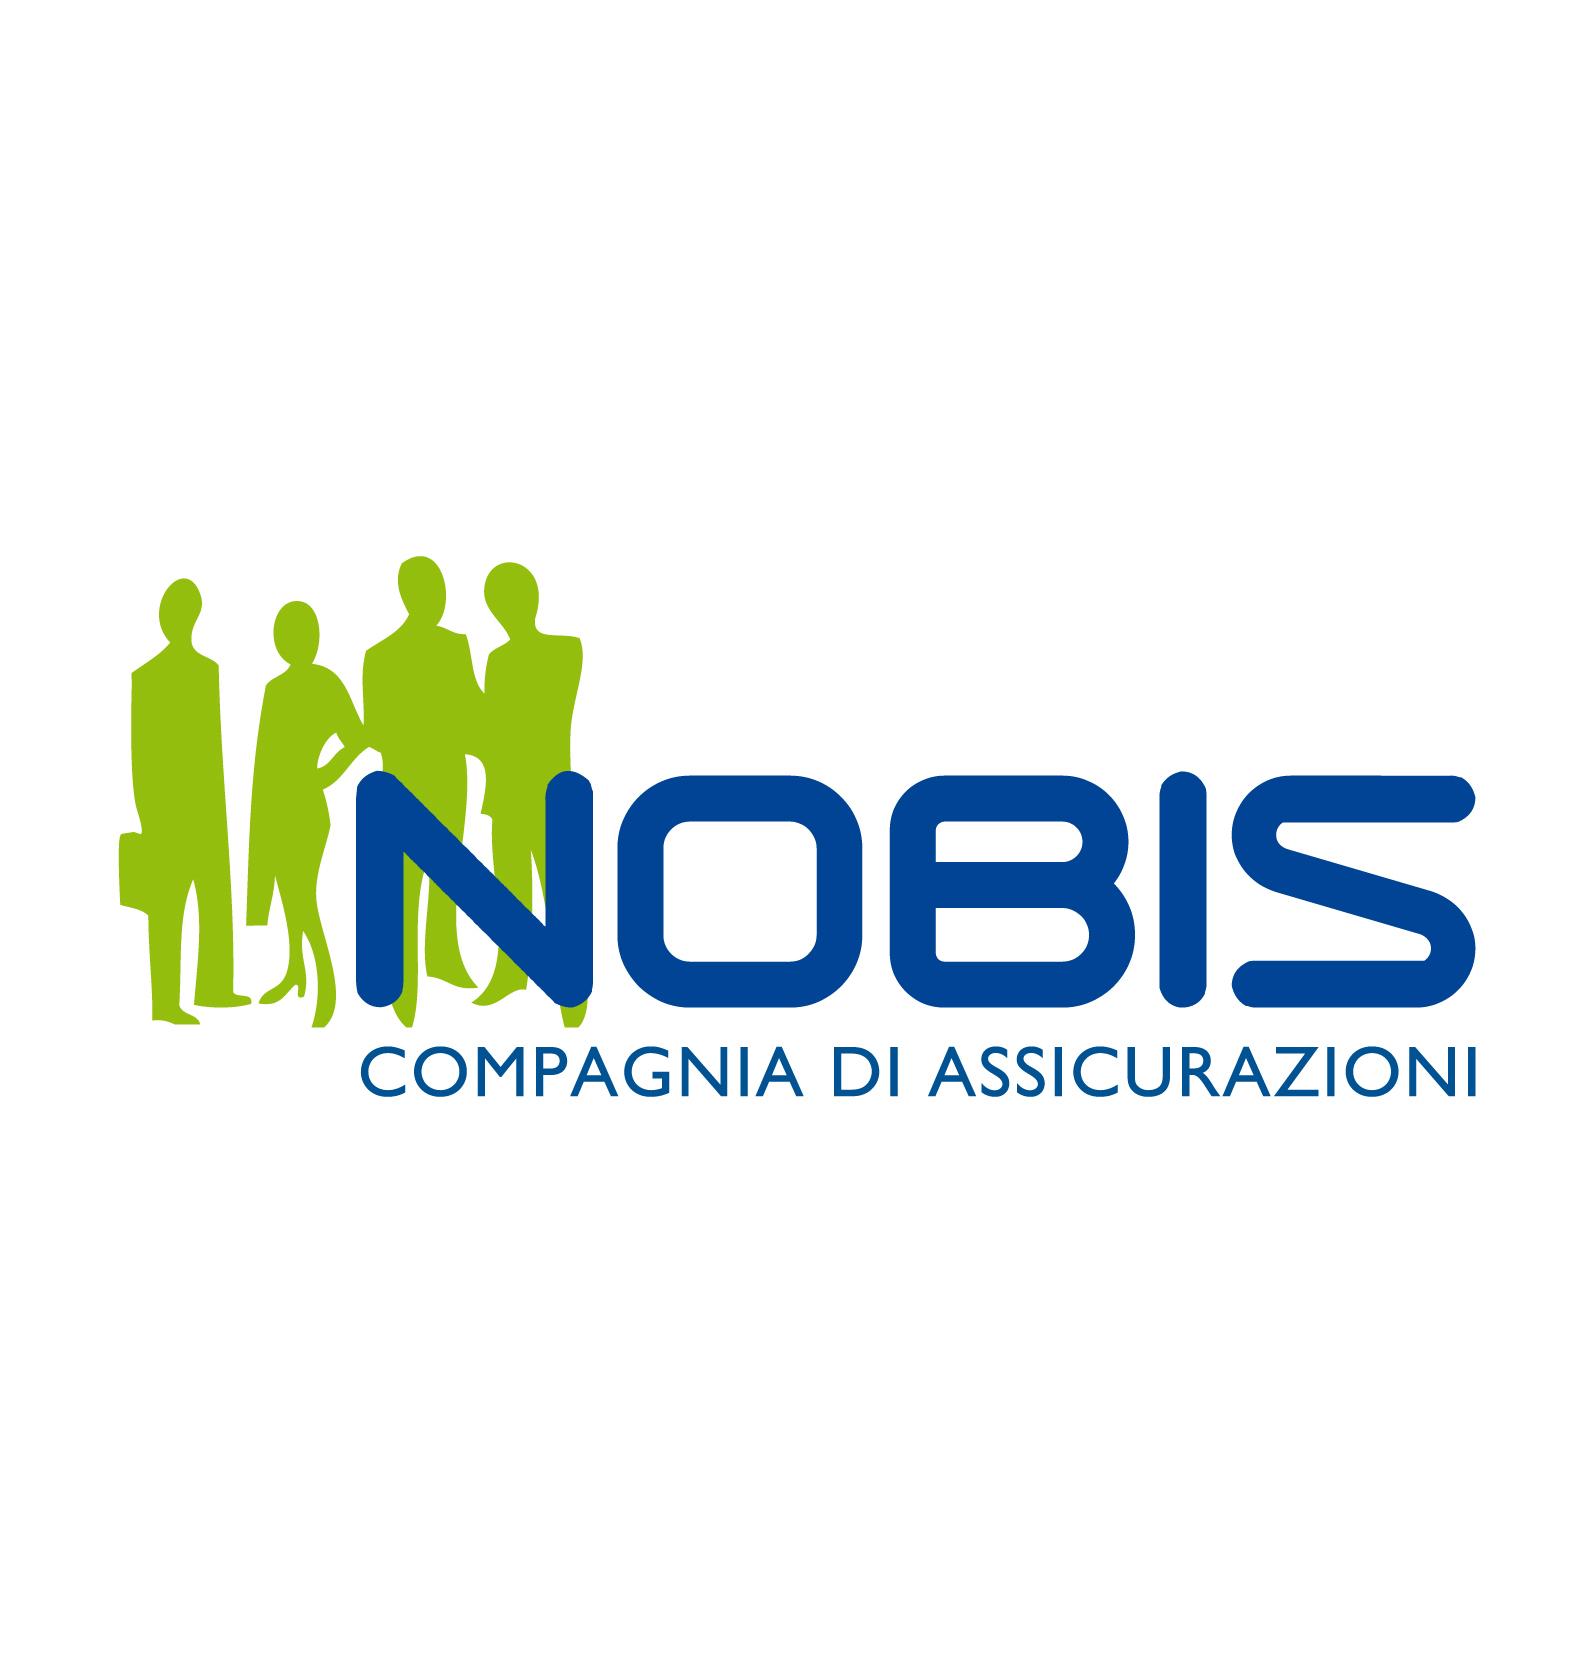 Nobis Assicurazioni HiRes